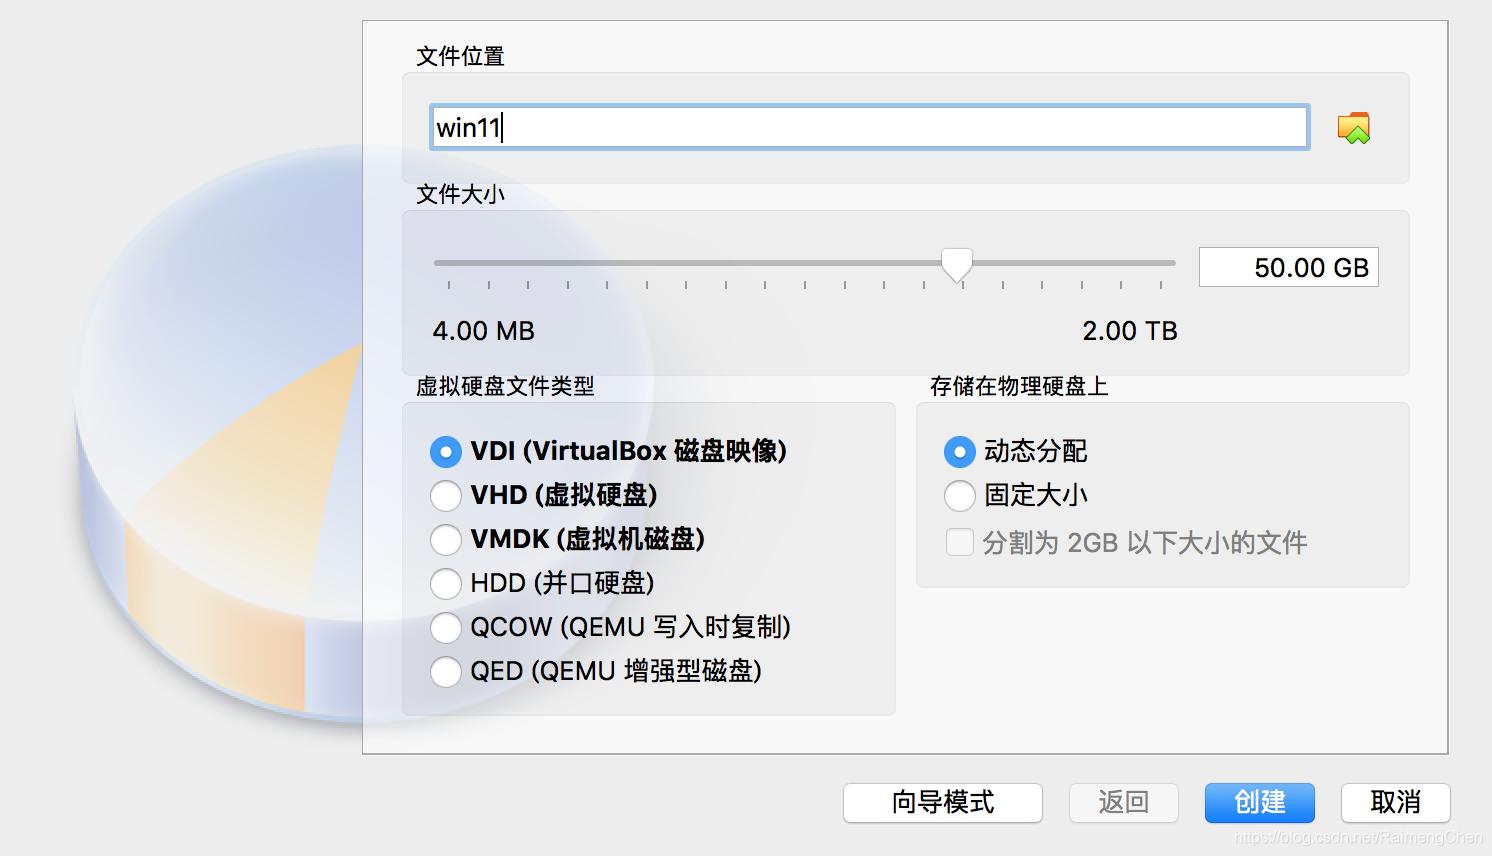 换了一个文件名哈哈哈,因为萌萌已经有一个win10虚拟机了名字重复了